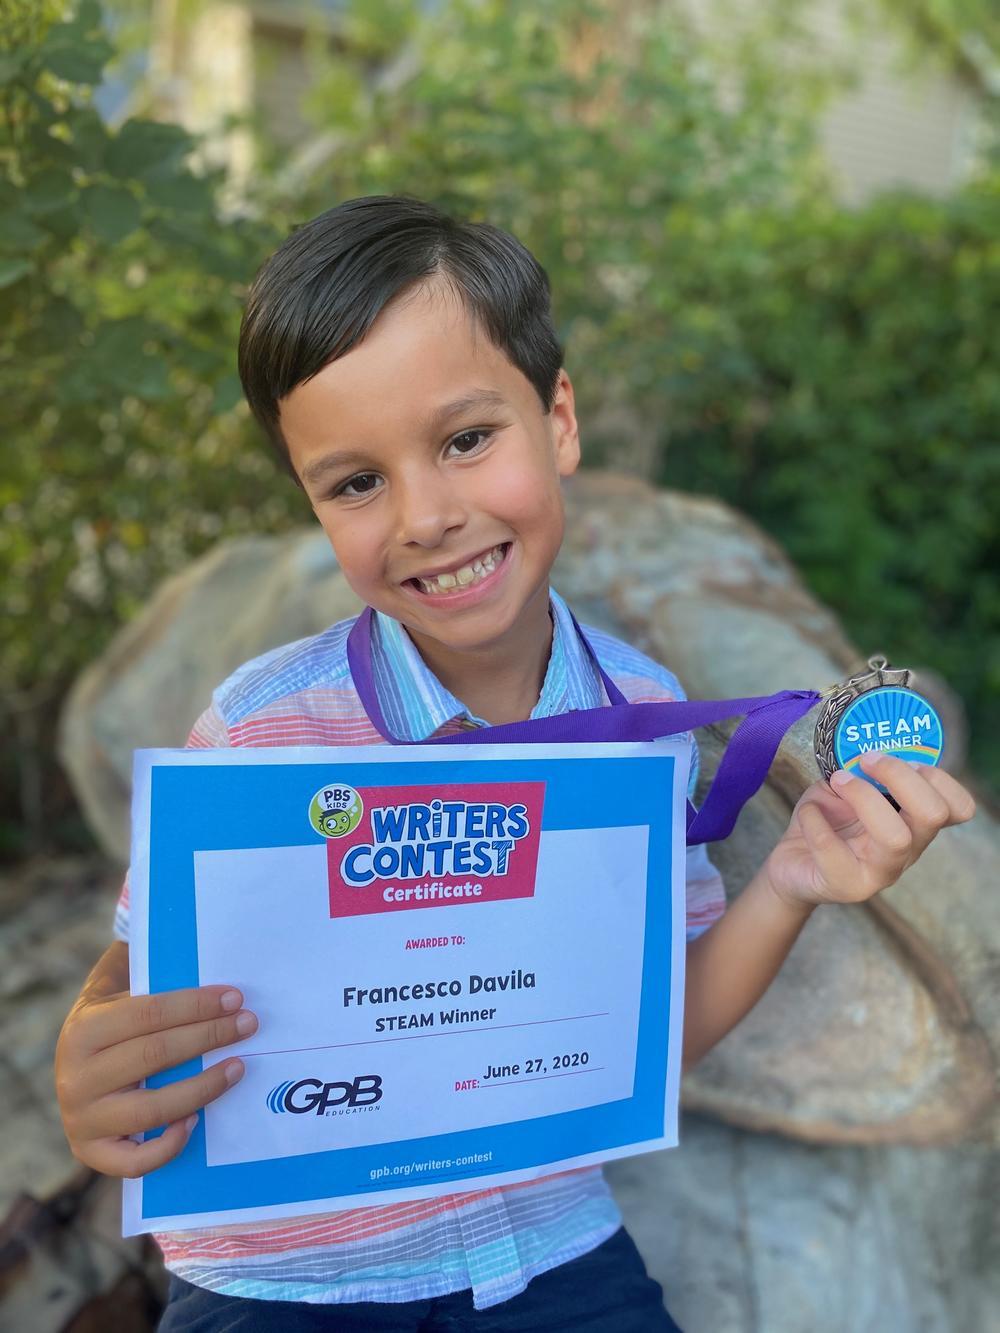 Francisco Davila with award